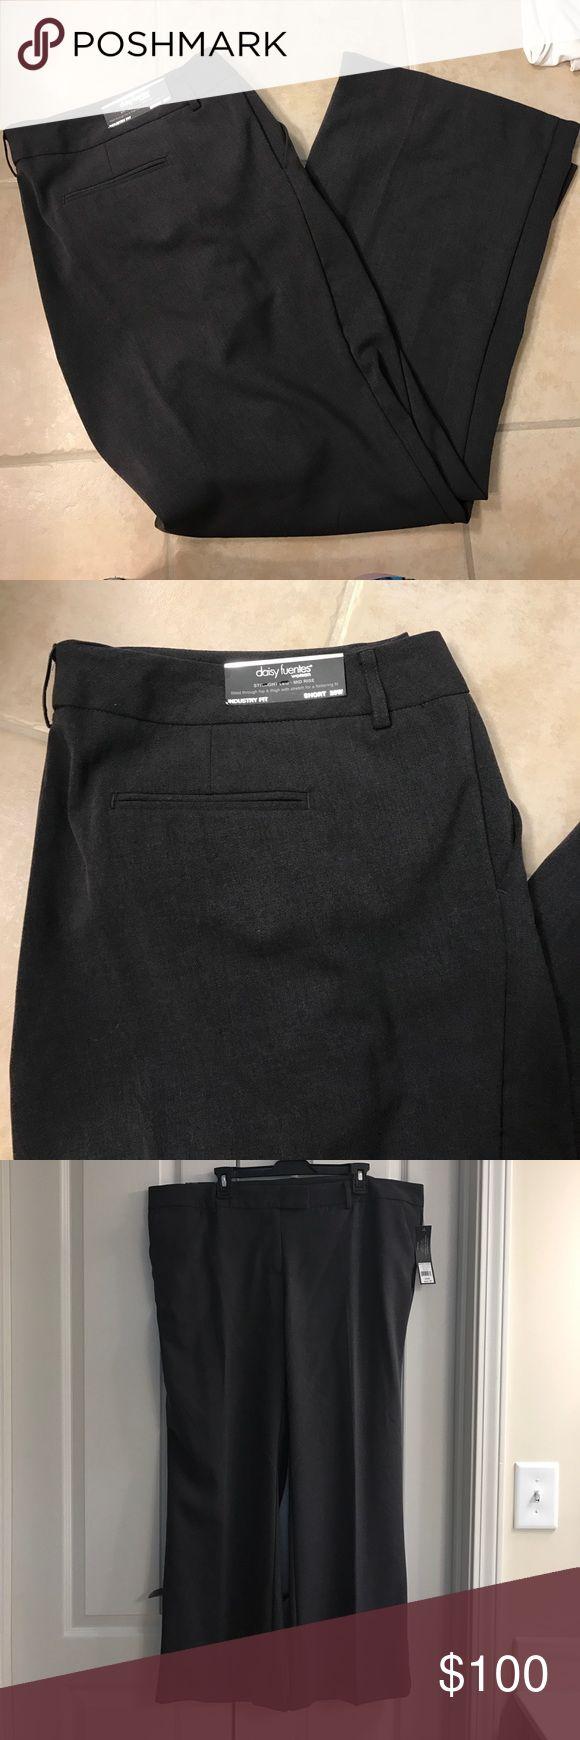 NWT Size 20W Daisy Fuentes grey straight leg pants NWT Size 20W Daisy Fuentes grey straight leg pants Daisy Fuentes Pants Straight Leg